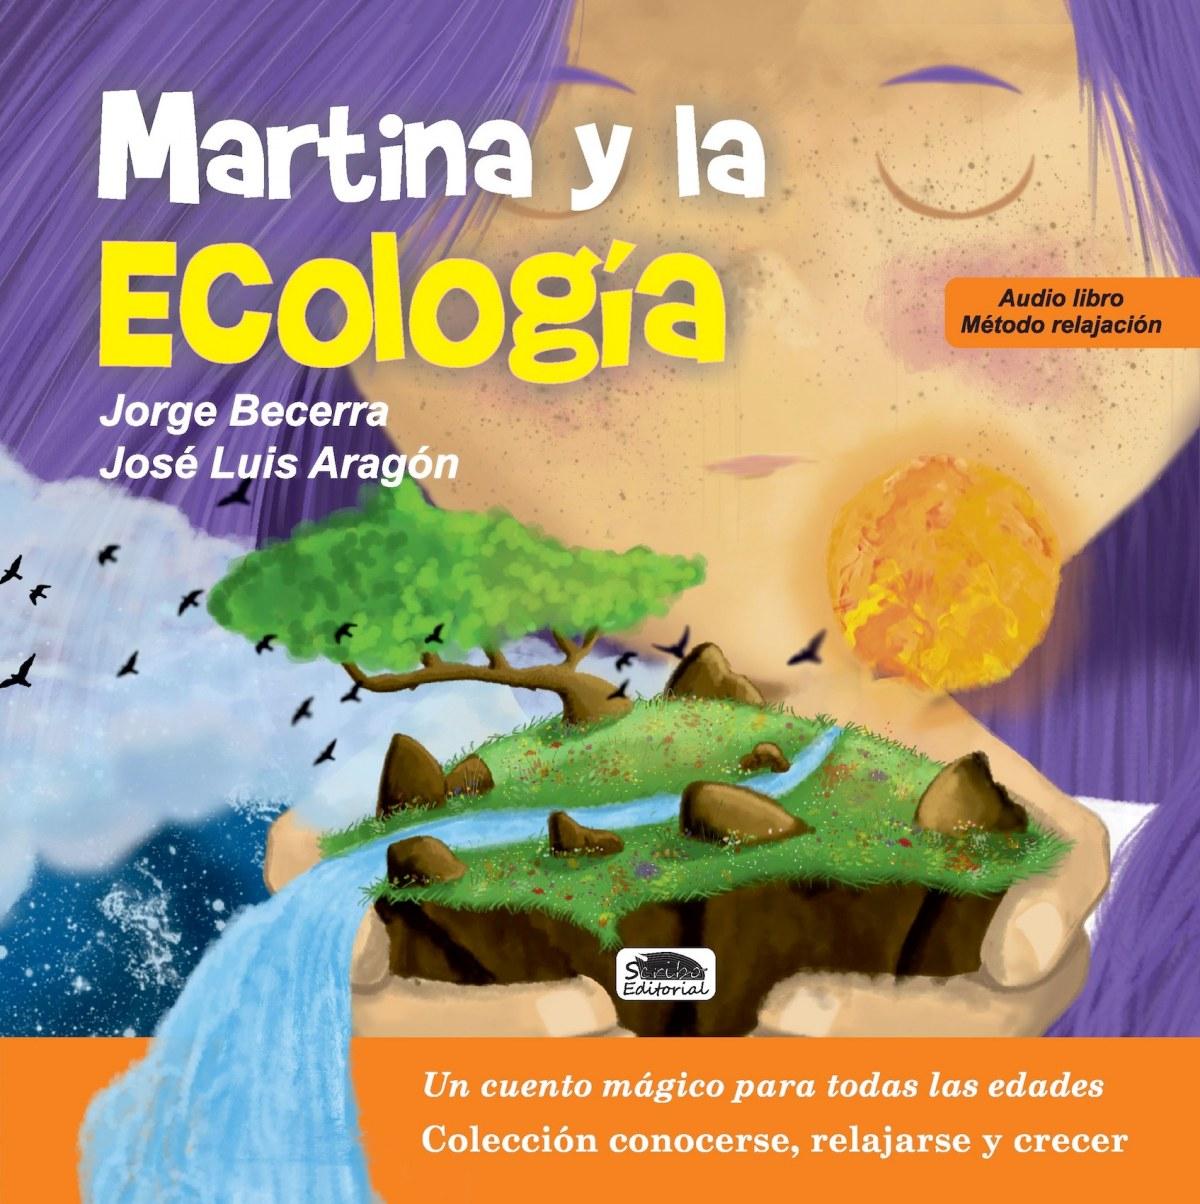 Martina y la ecología